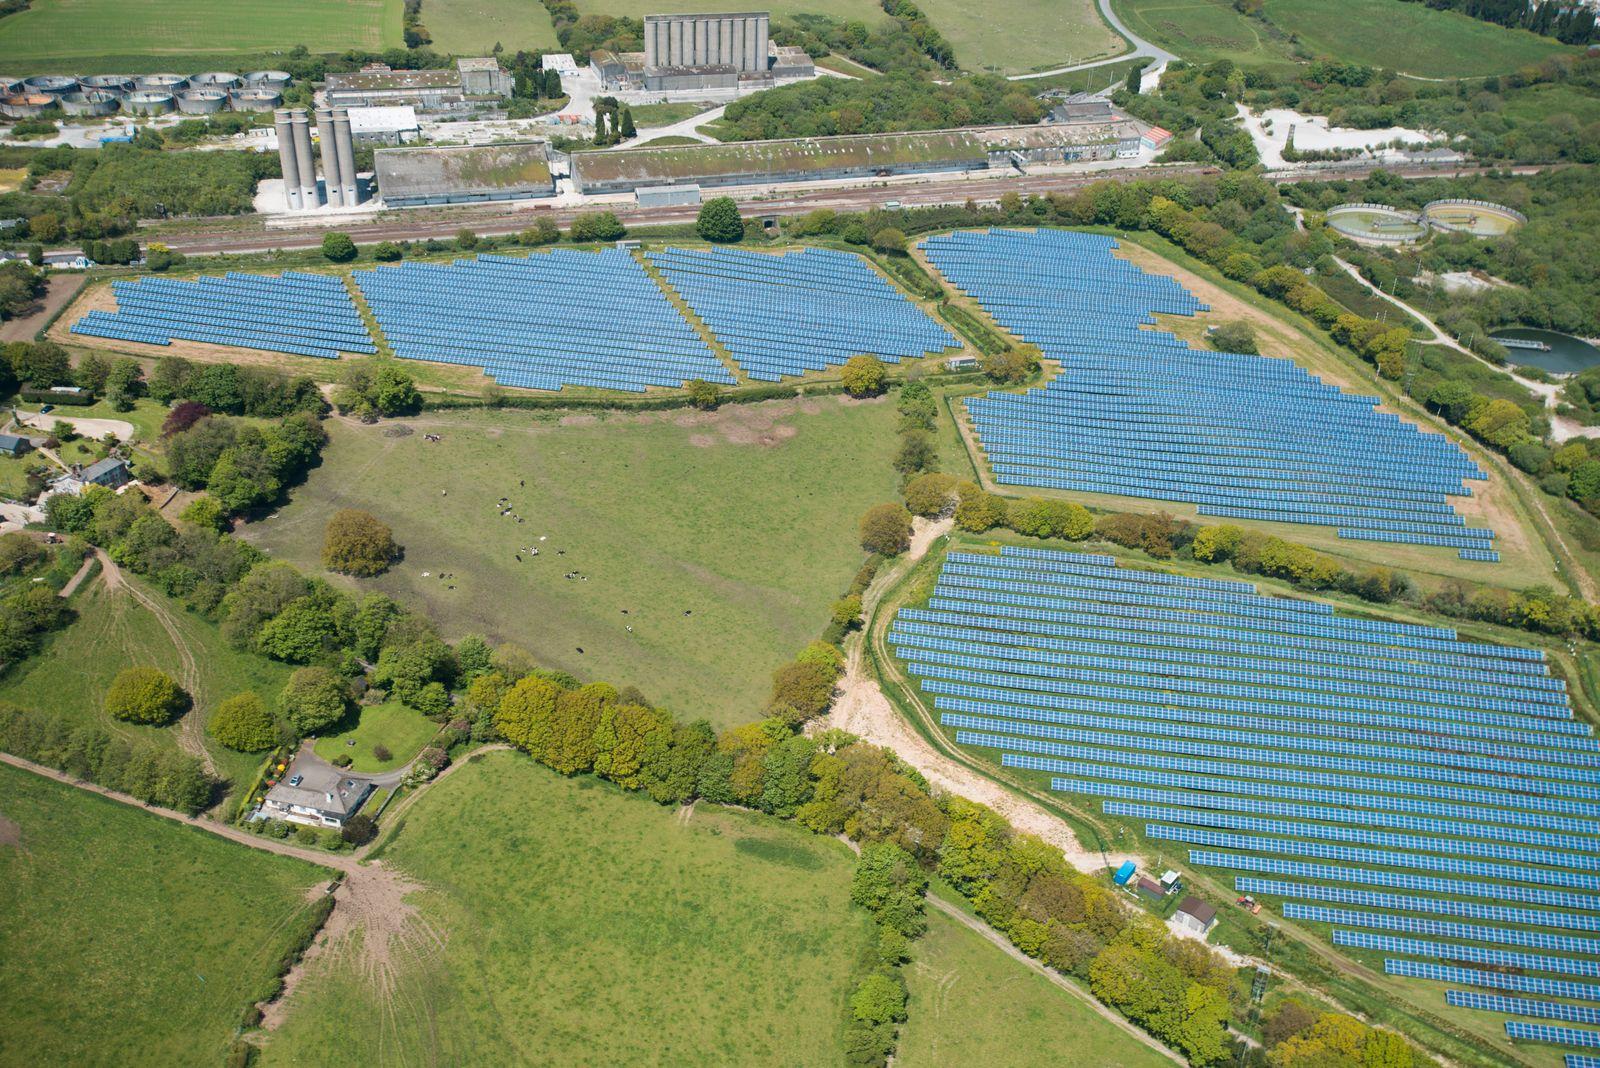 NICHT MEHR VERWENDEN! - Solaranlage in Cornwall, England